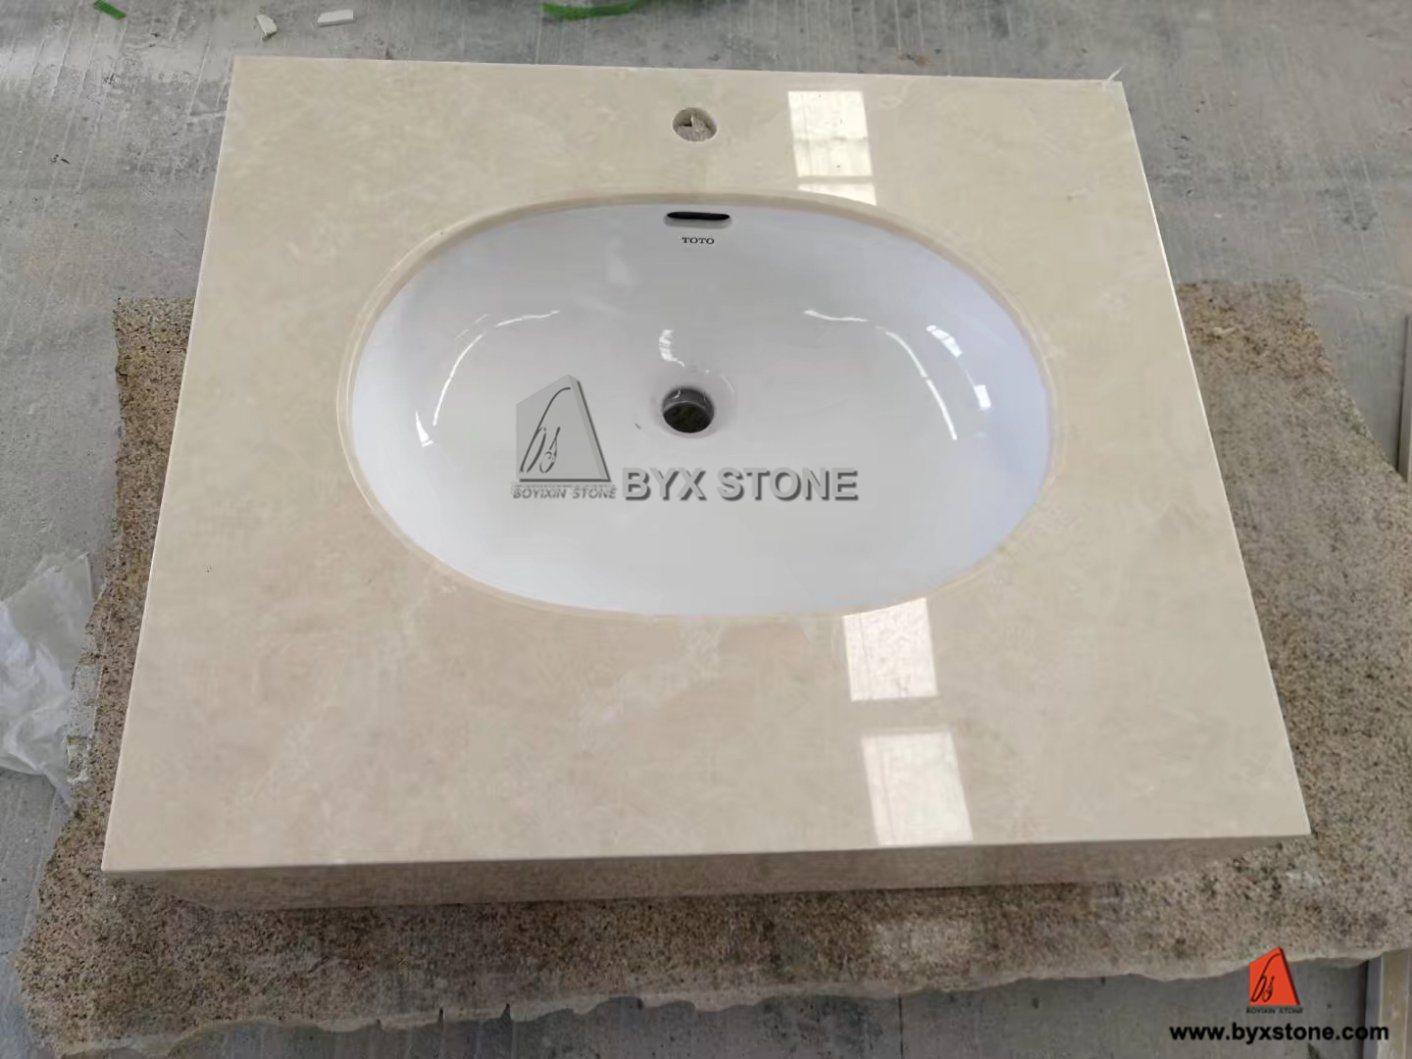 China Beige Marble Countertop Stone Bathroom Vanity Top With Integrated Sink China Vanity Top Marble Vanity Top